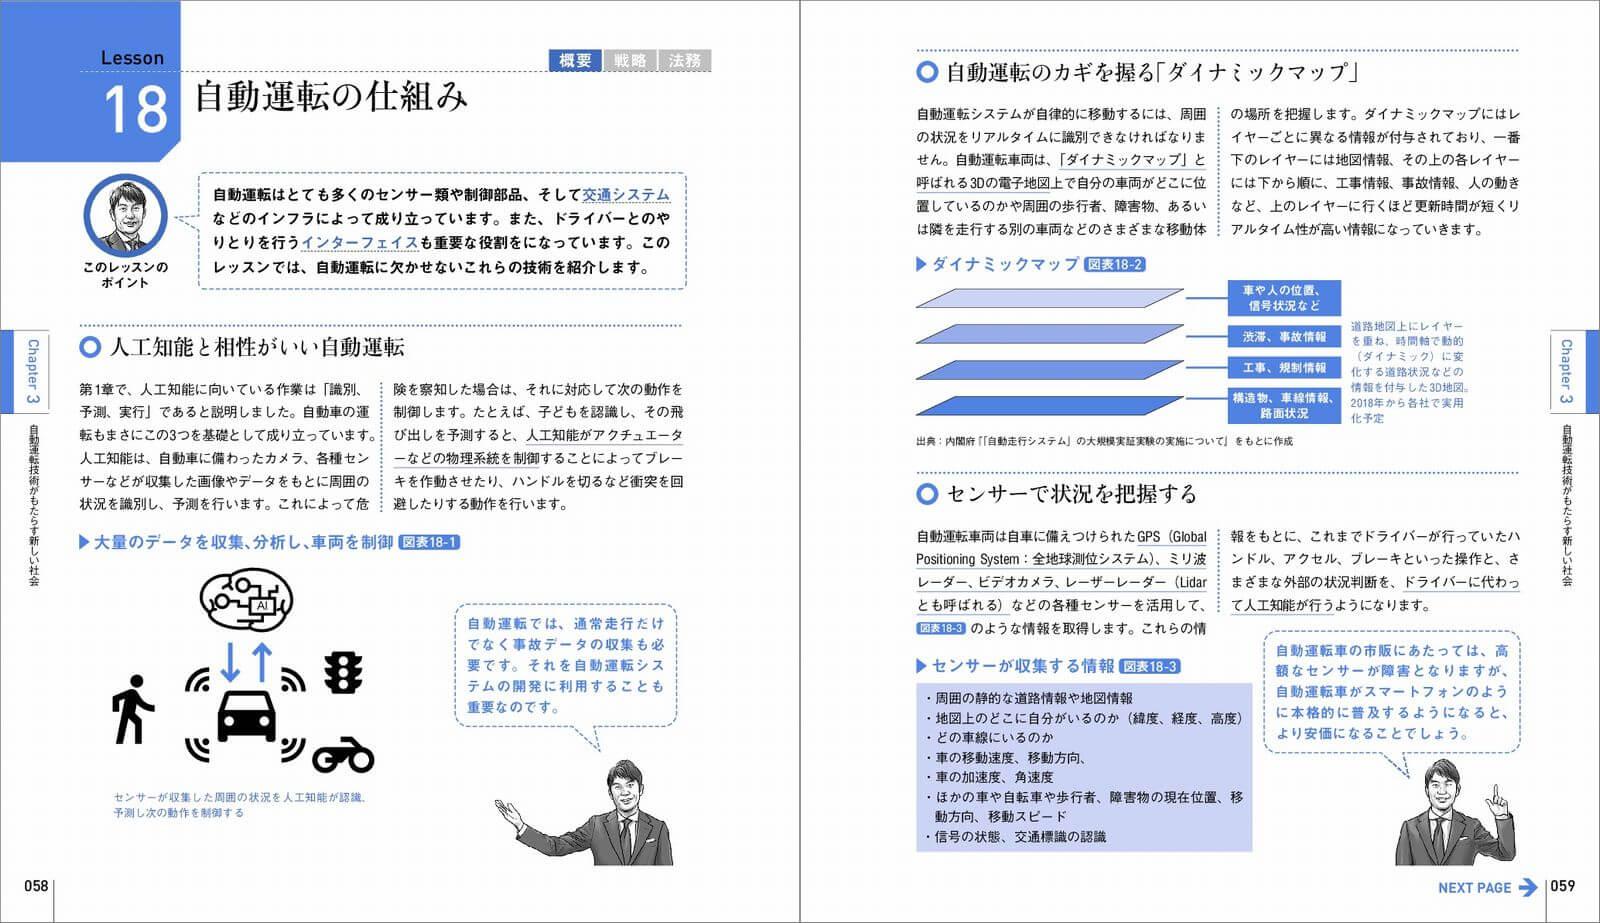 「いちばんやさしい人工知能ビジネスの教本 人気講師が教えるAI・機械学習の事業化」紙面イメージ(2)